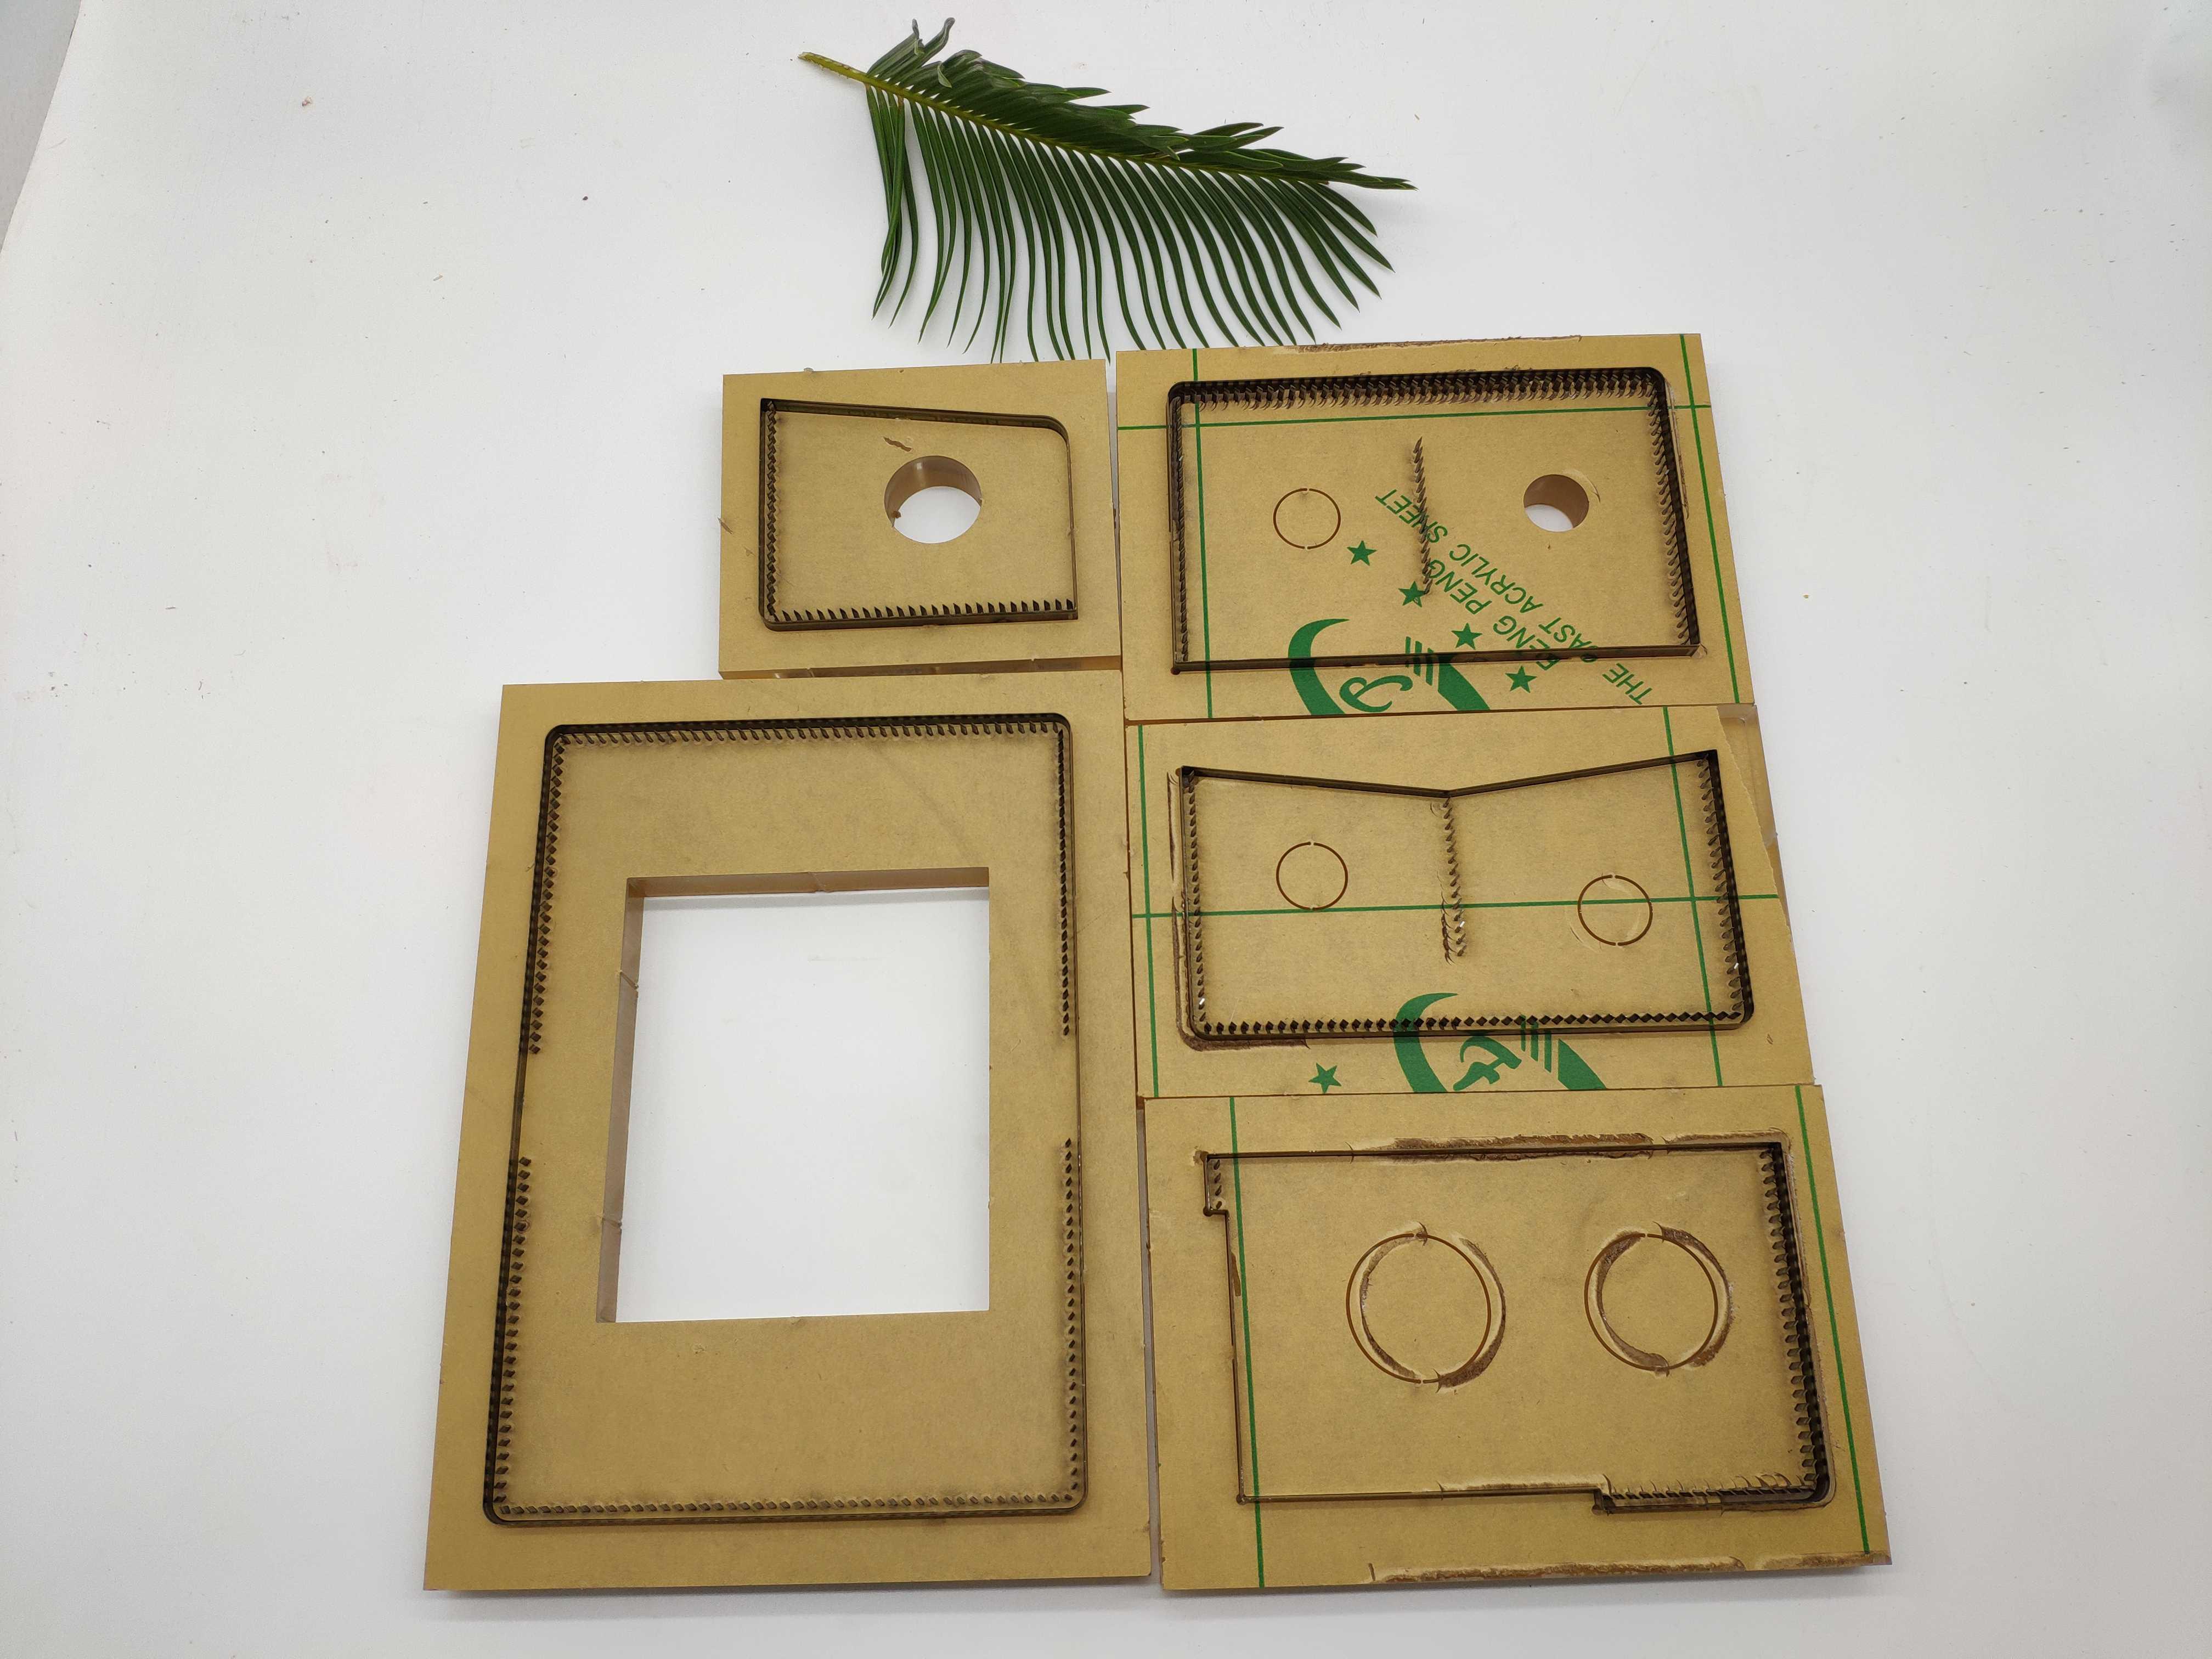 Règle de lame en acier du japon en acier découpé avec des matrices en bois de moule de coupe de portefeuille de poinçon en acier pour le coupeur en cuir pour l'artisanat en cuir 105x140mm - 2